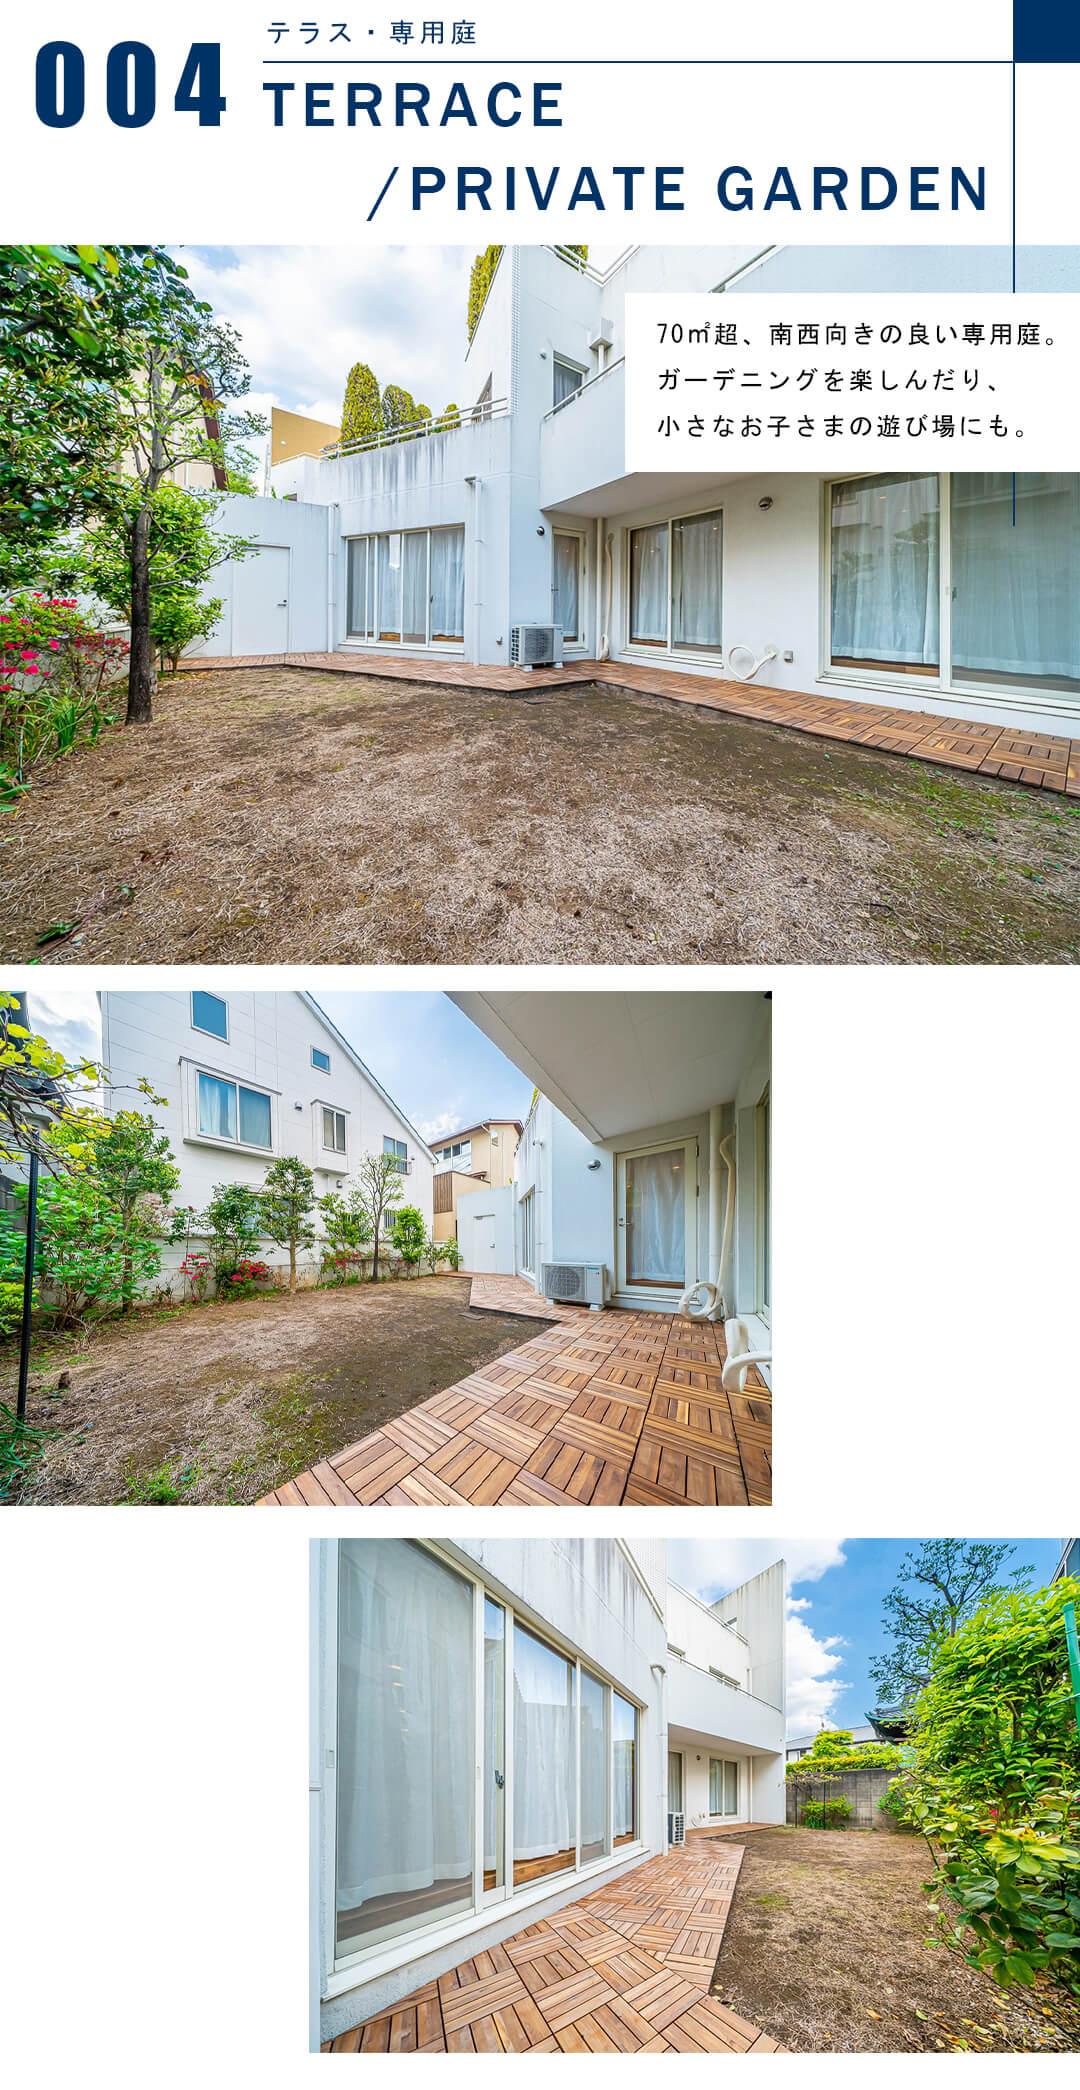 アトラス荻窪三丁目のテラスと専用庭